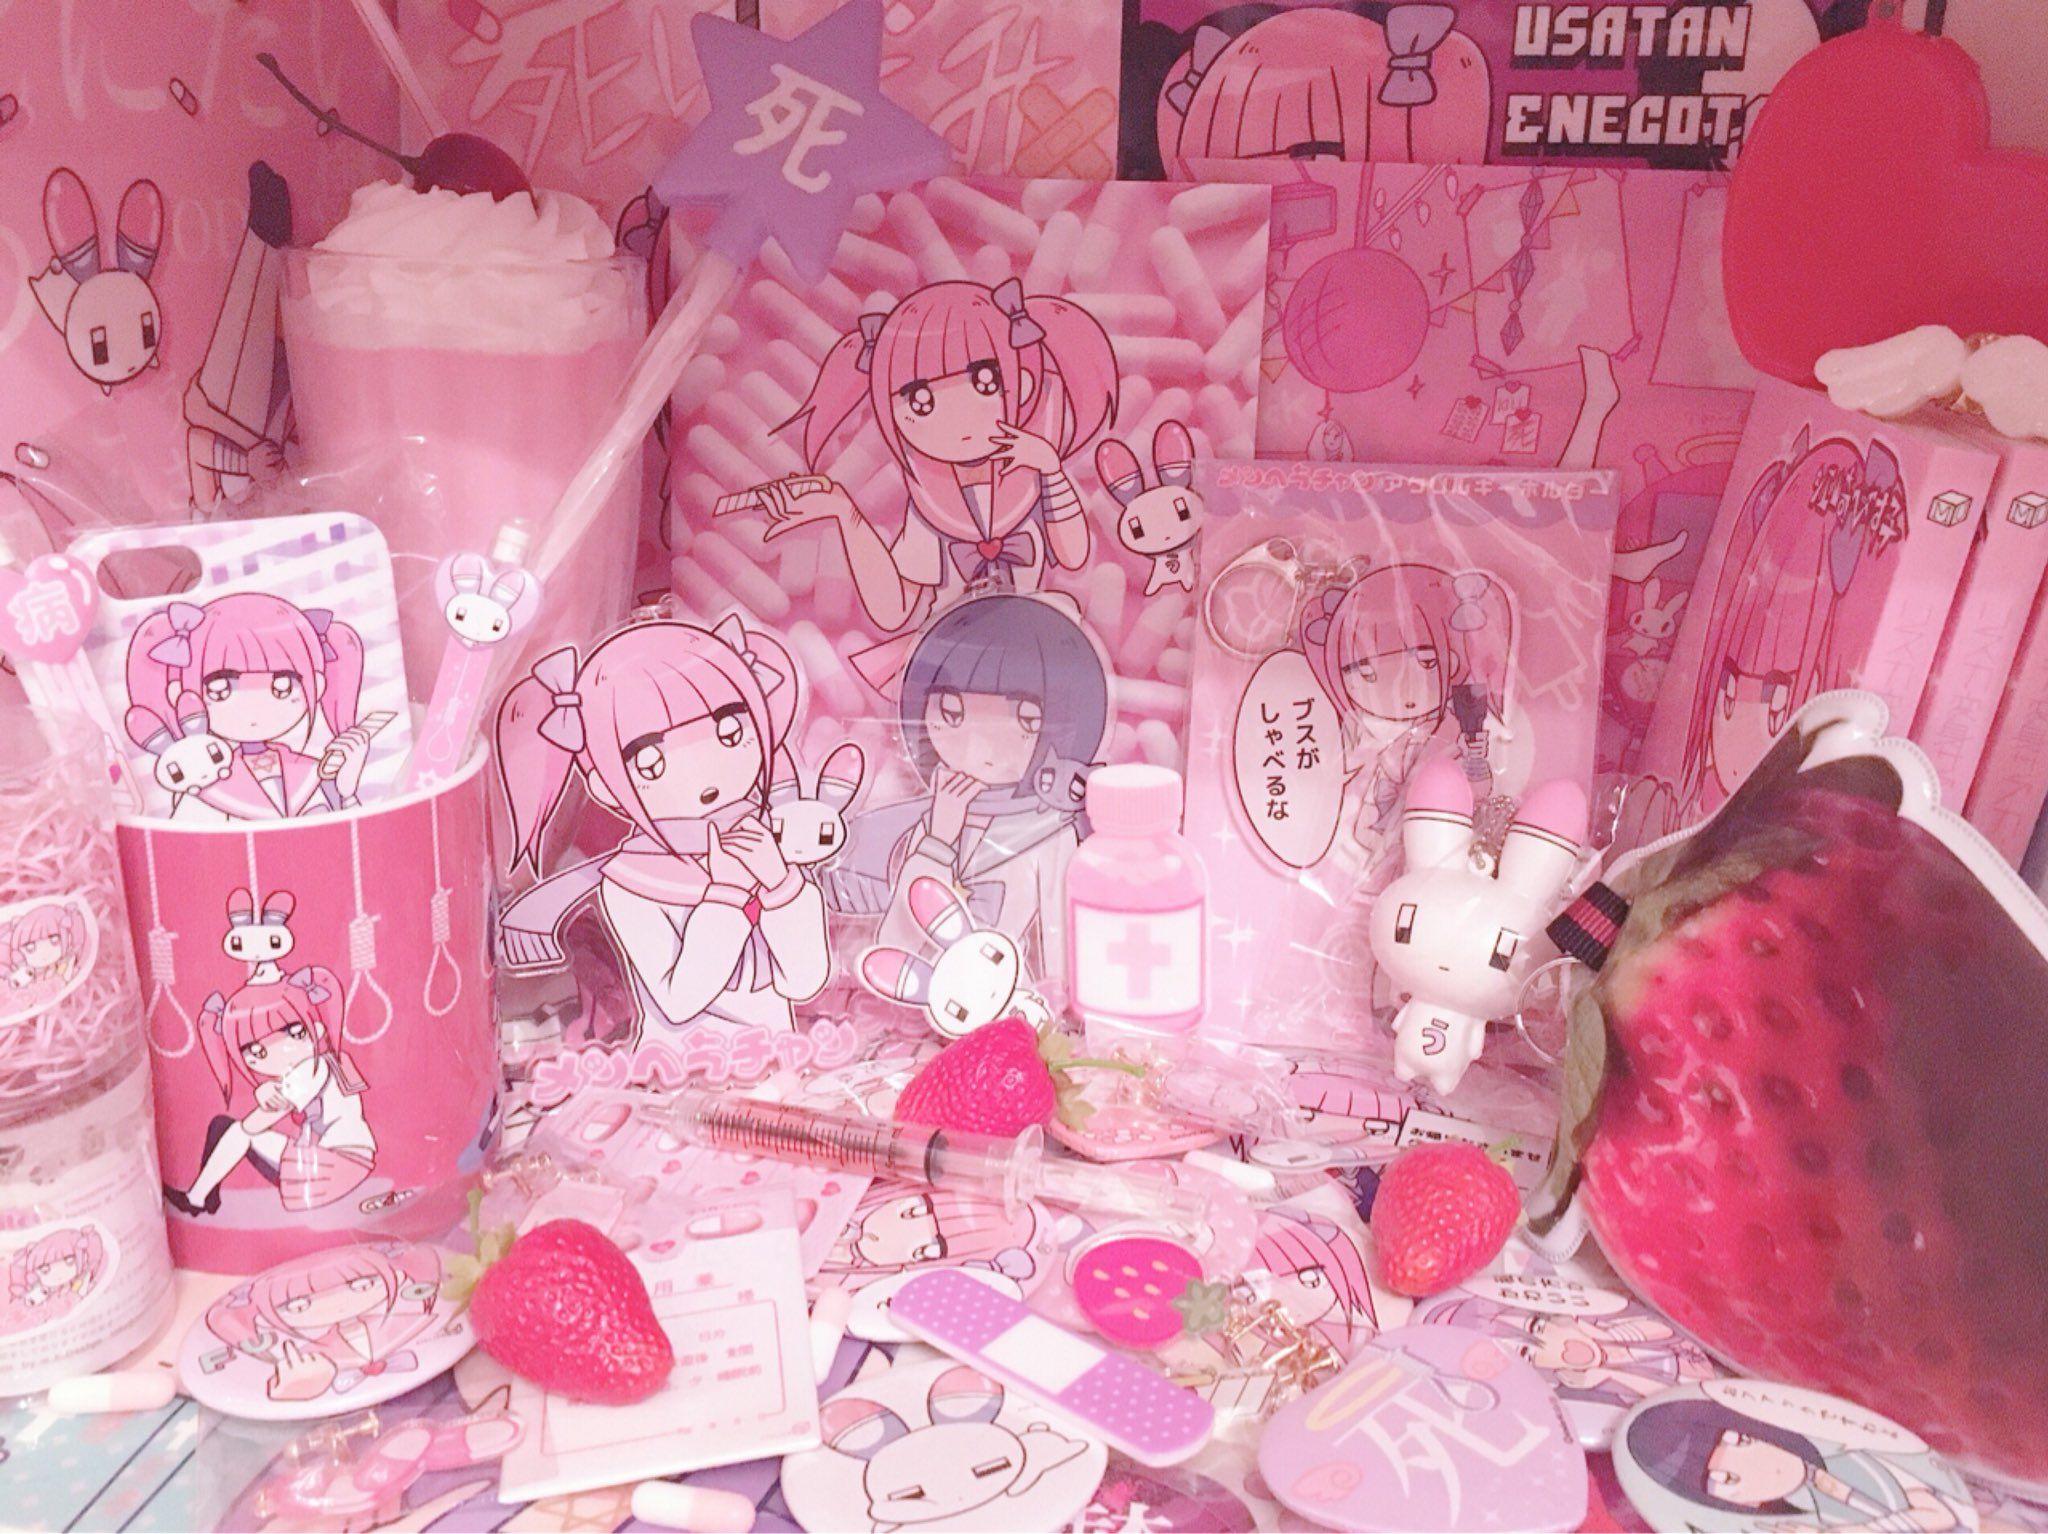 メンヘラチャン 公式 On Twitter Kawaii Room Creepy Cute Aesthetic Anime